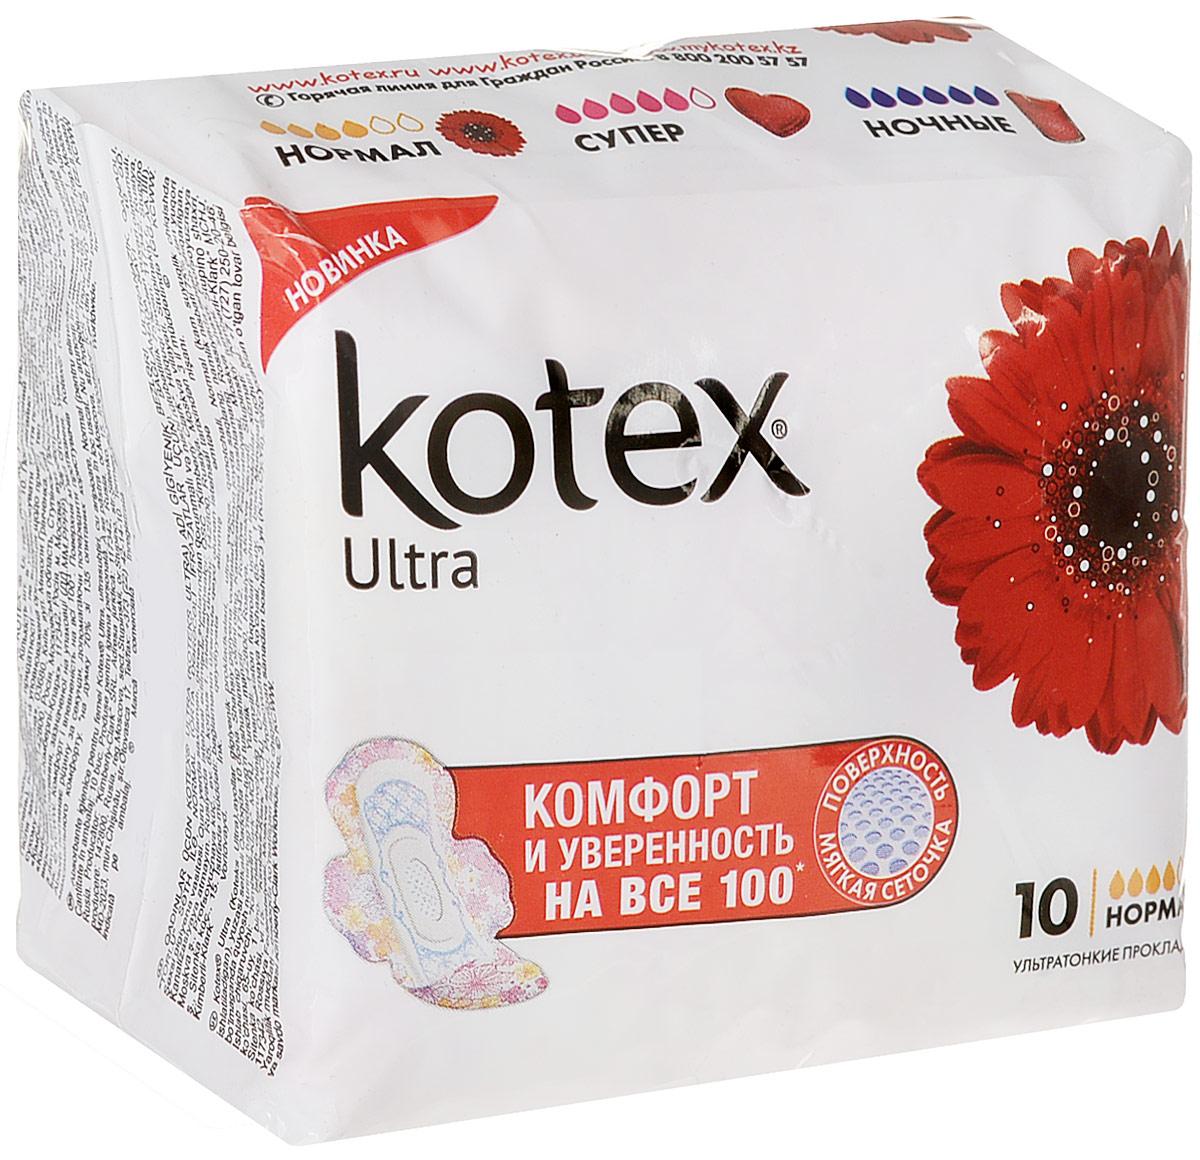 Kotex Гигиенические прокладки Ultra. Normal с крылышками, с сеточкой, 10 шт2606114001Ультратонкие гигиенические прокладки Kotex Ultra. Нормал с крылышками, с поверхностью сеточка предназначены для умеренных выделений.2-в-1: защита и комфорт - впитываемость cеточки и комфорт мягкой поверхности для комфорта кожи;Мягкие крылышки, которые лучше крепятся к белью и способствуют комфортной носке;Эстетичная форма прокладки, которая не сминается и не скручивается благодаря барьерчикам для еще больше комфорта;Улучшенная система быстрого впитывания Fast Absorb с новым впитывающим центром;Новая прокладка тоньше на 1,3 мм для большего комфорта;Современная и удобная упаковка - сумочка с затягивающимися веревочками. Характеристики:Количество прокладок: 10 шт. Размер упаковки: 10 см х 7 см х 10 см. Производитель: Россия. Товар сертифицирован.